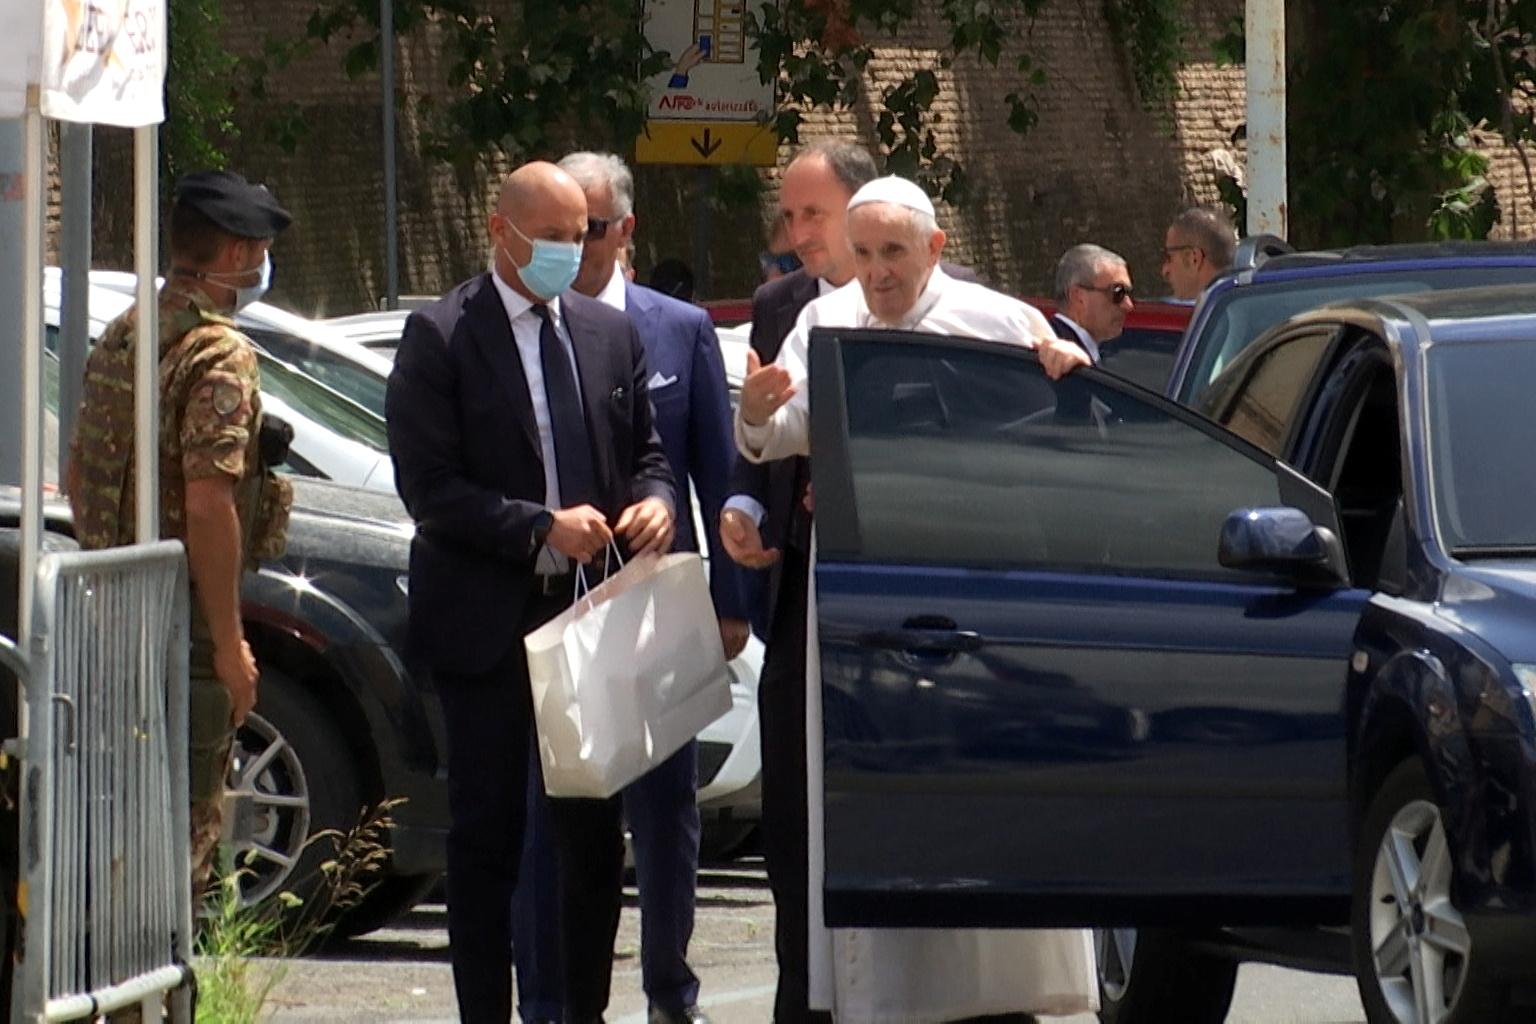 Βατικανό: Εξιτήριο για τον πάπα Φραγκίσκο δέκα μέρες μετά την επέμβαση που υποβλήθηκε